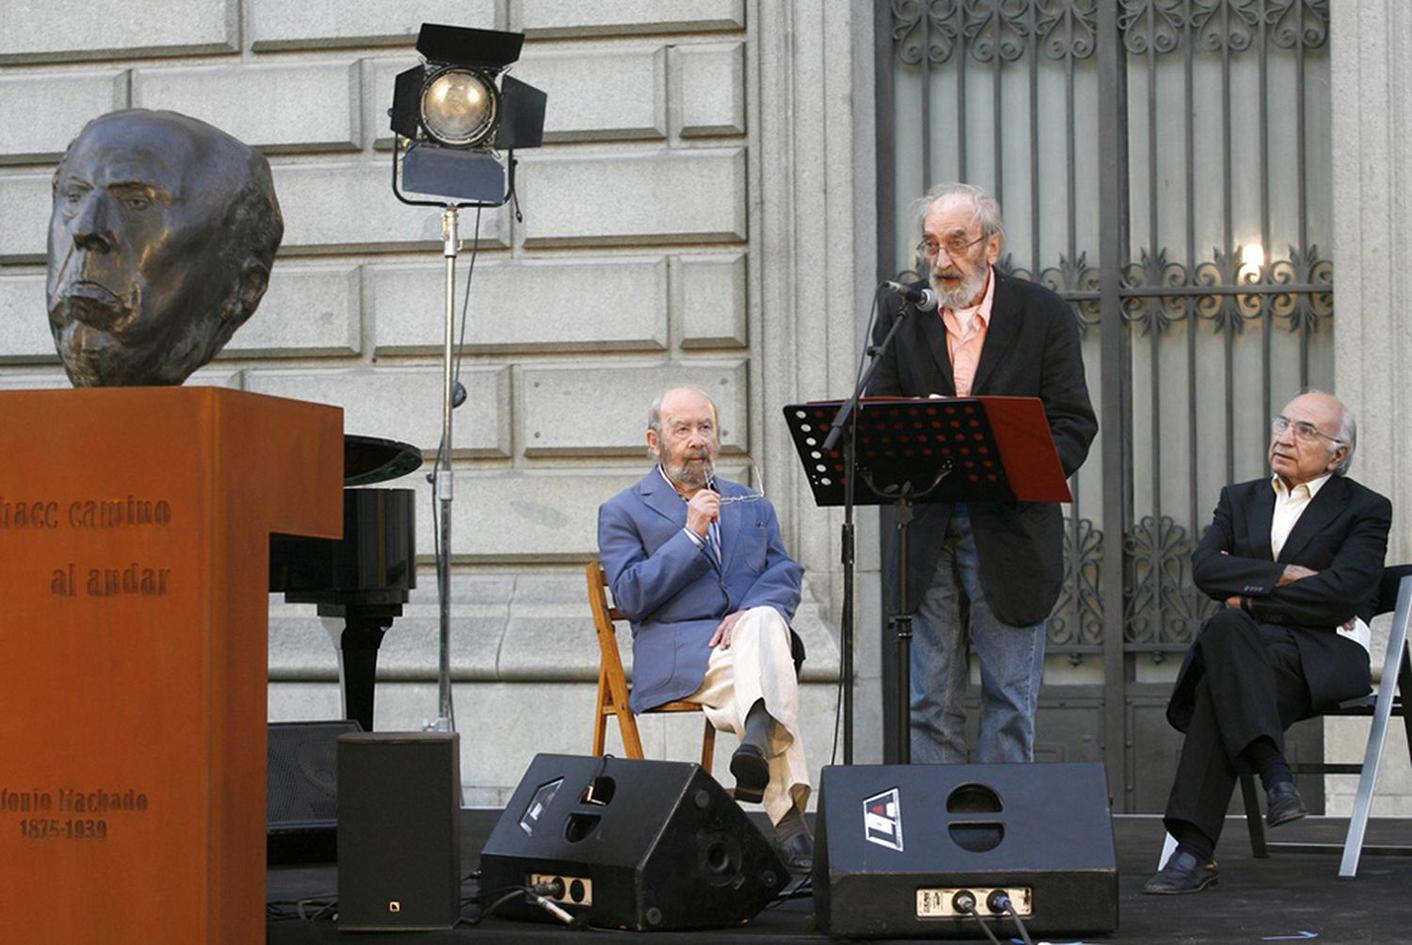 Caballero Bonald, Ángel González y Francisco Brines en los jardines de la Biblioteca Nacional, en el homenaje a don Antonio Machado (19 de junio de 2007).